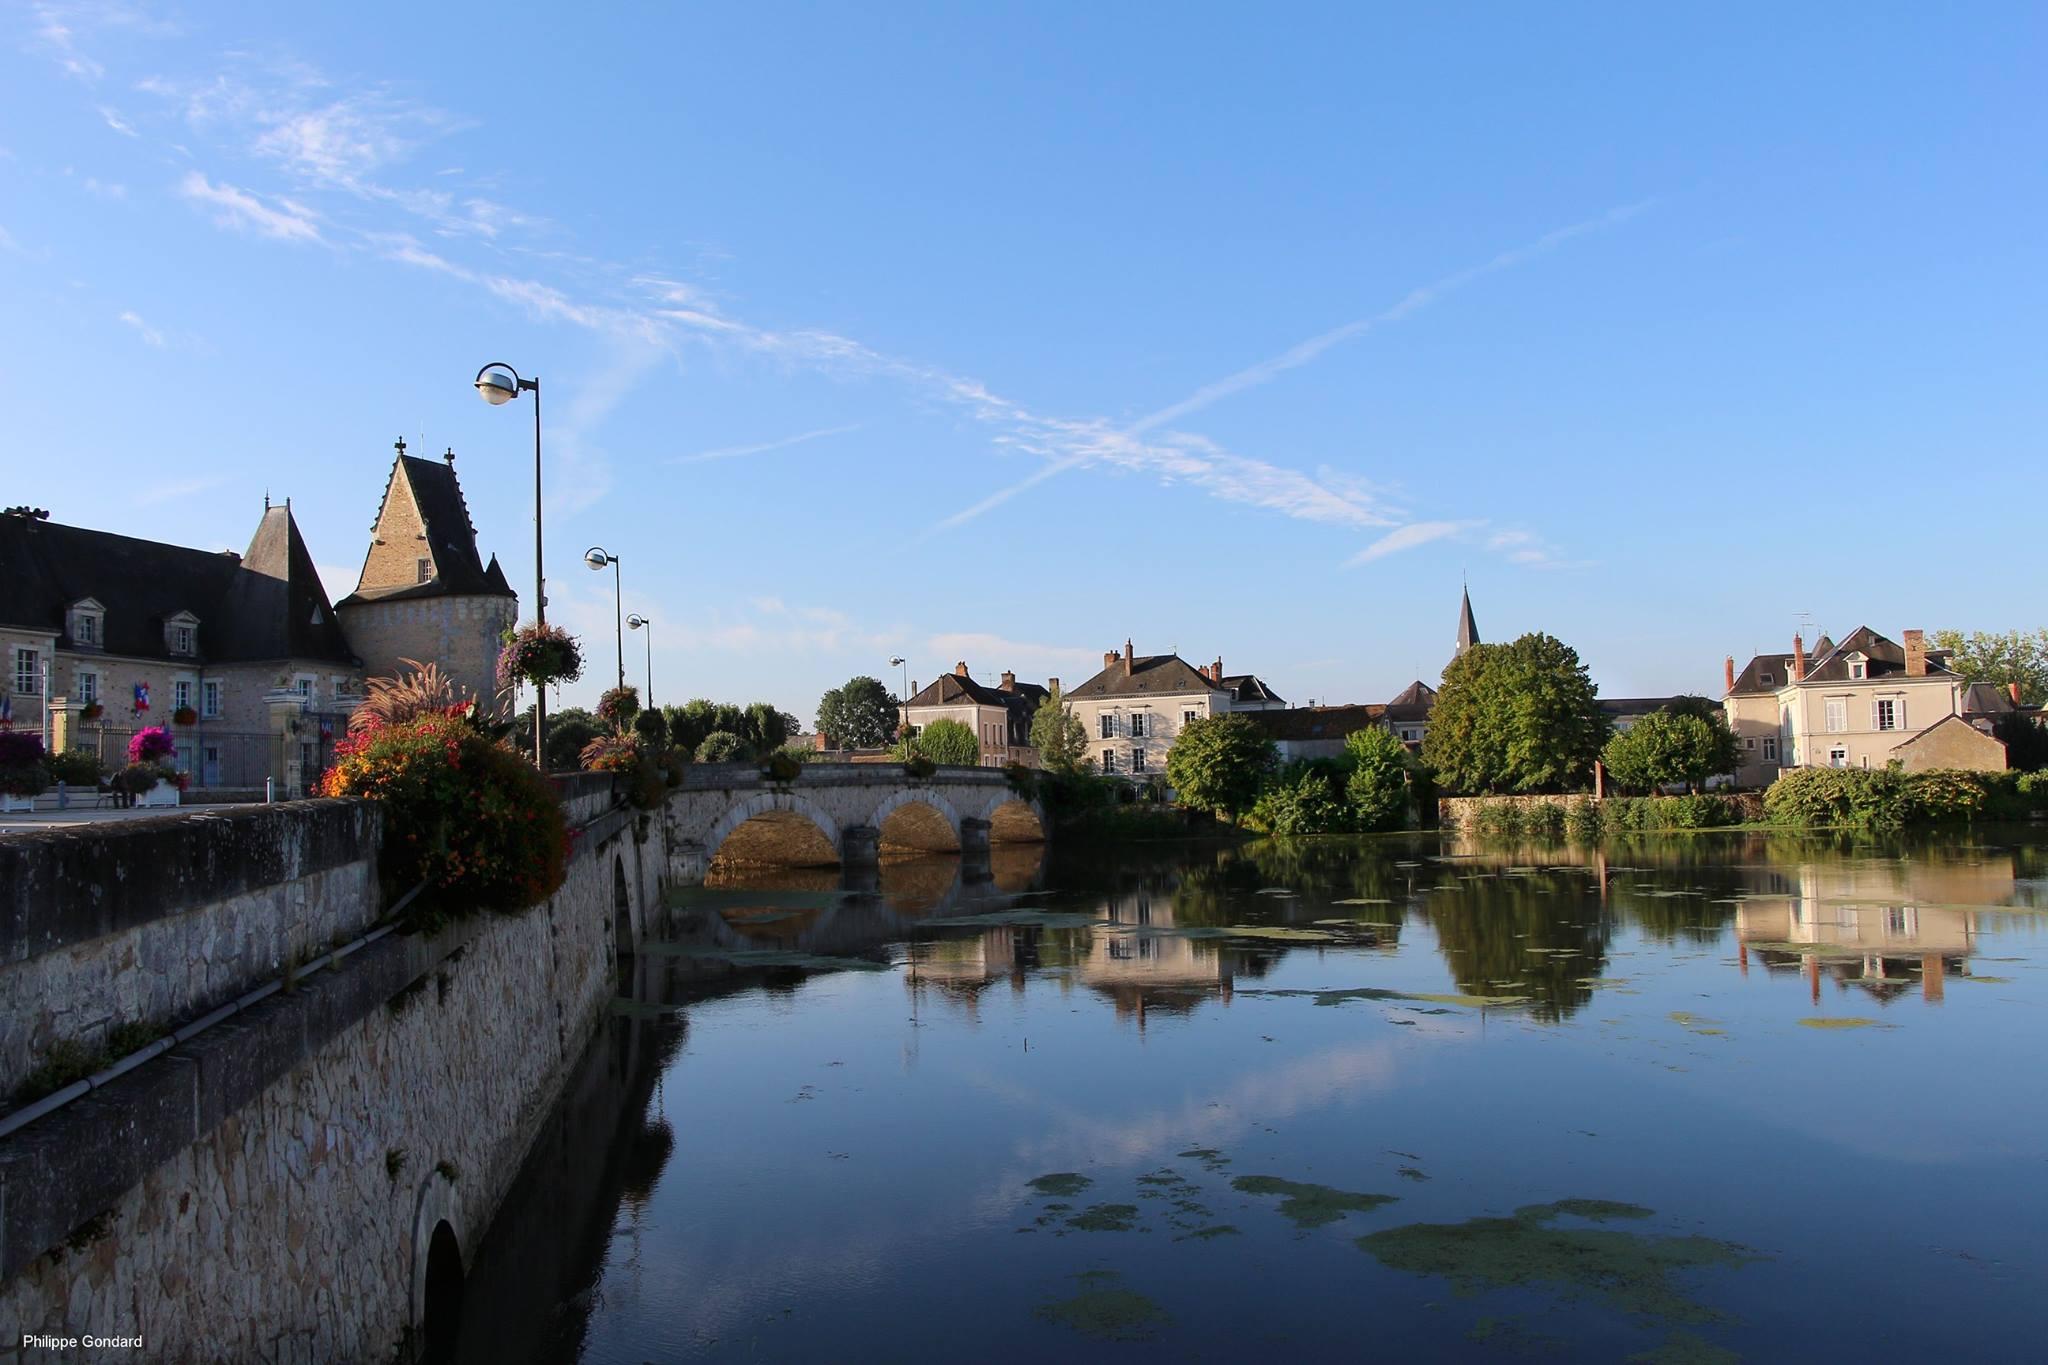 La Flèche - Le pont sur le Loir - A gauche, l'ancien château de La Flèche qui contrôlait le passage sur la rivière - Au premier plan, le port Luneau d'où partirent les migrants qui fondèrent Montréal, Québec, Canada (Philippe Gondard)